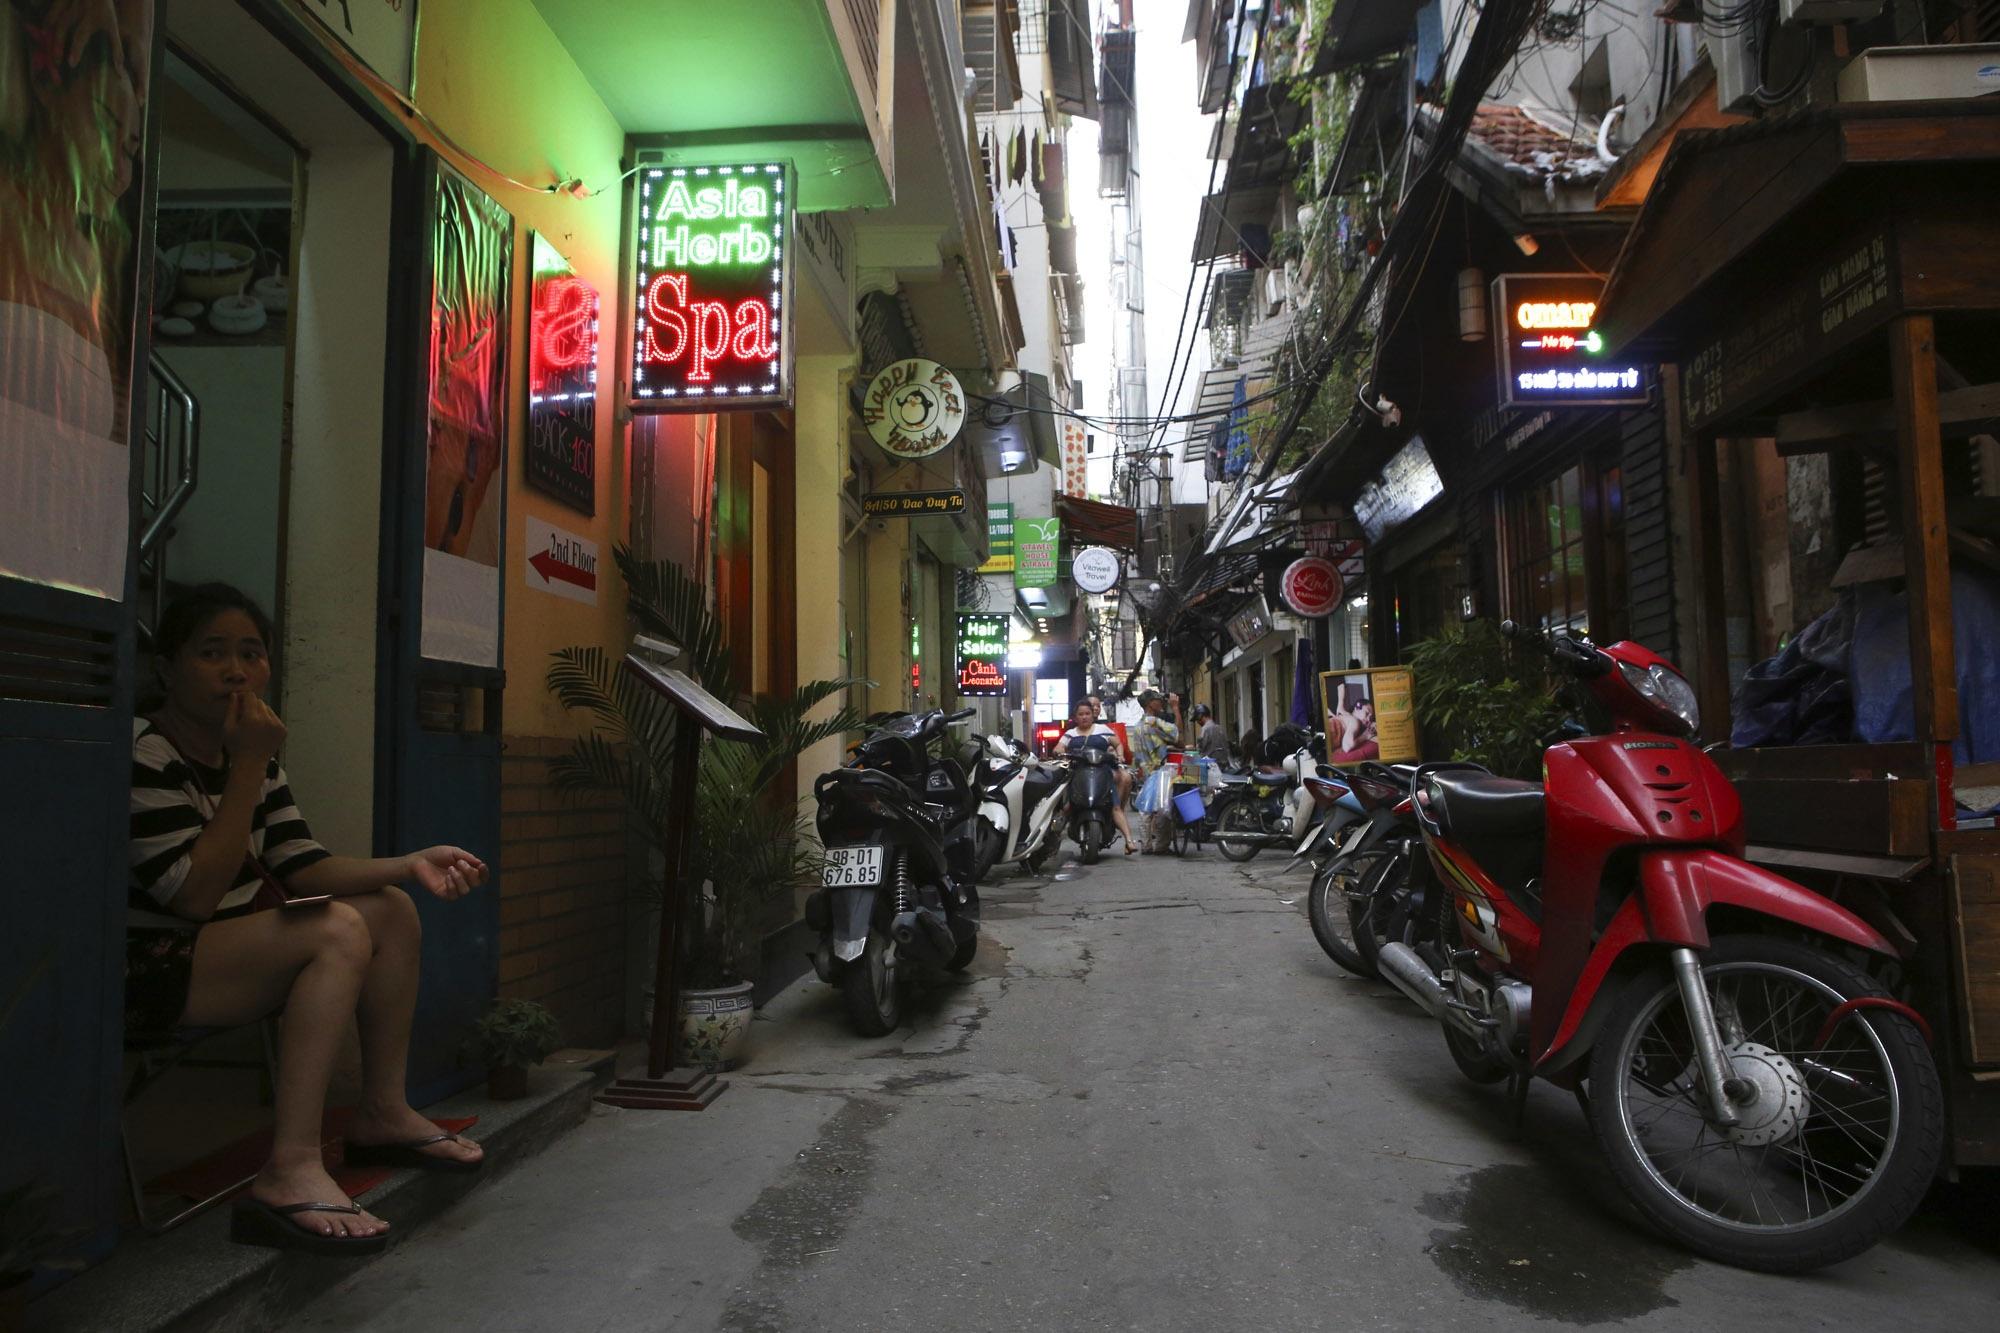 Nhịp sống sôi động trong ngõ siêu nhỏ ở phố cổ Hà Nội - 10